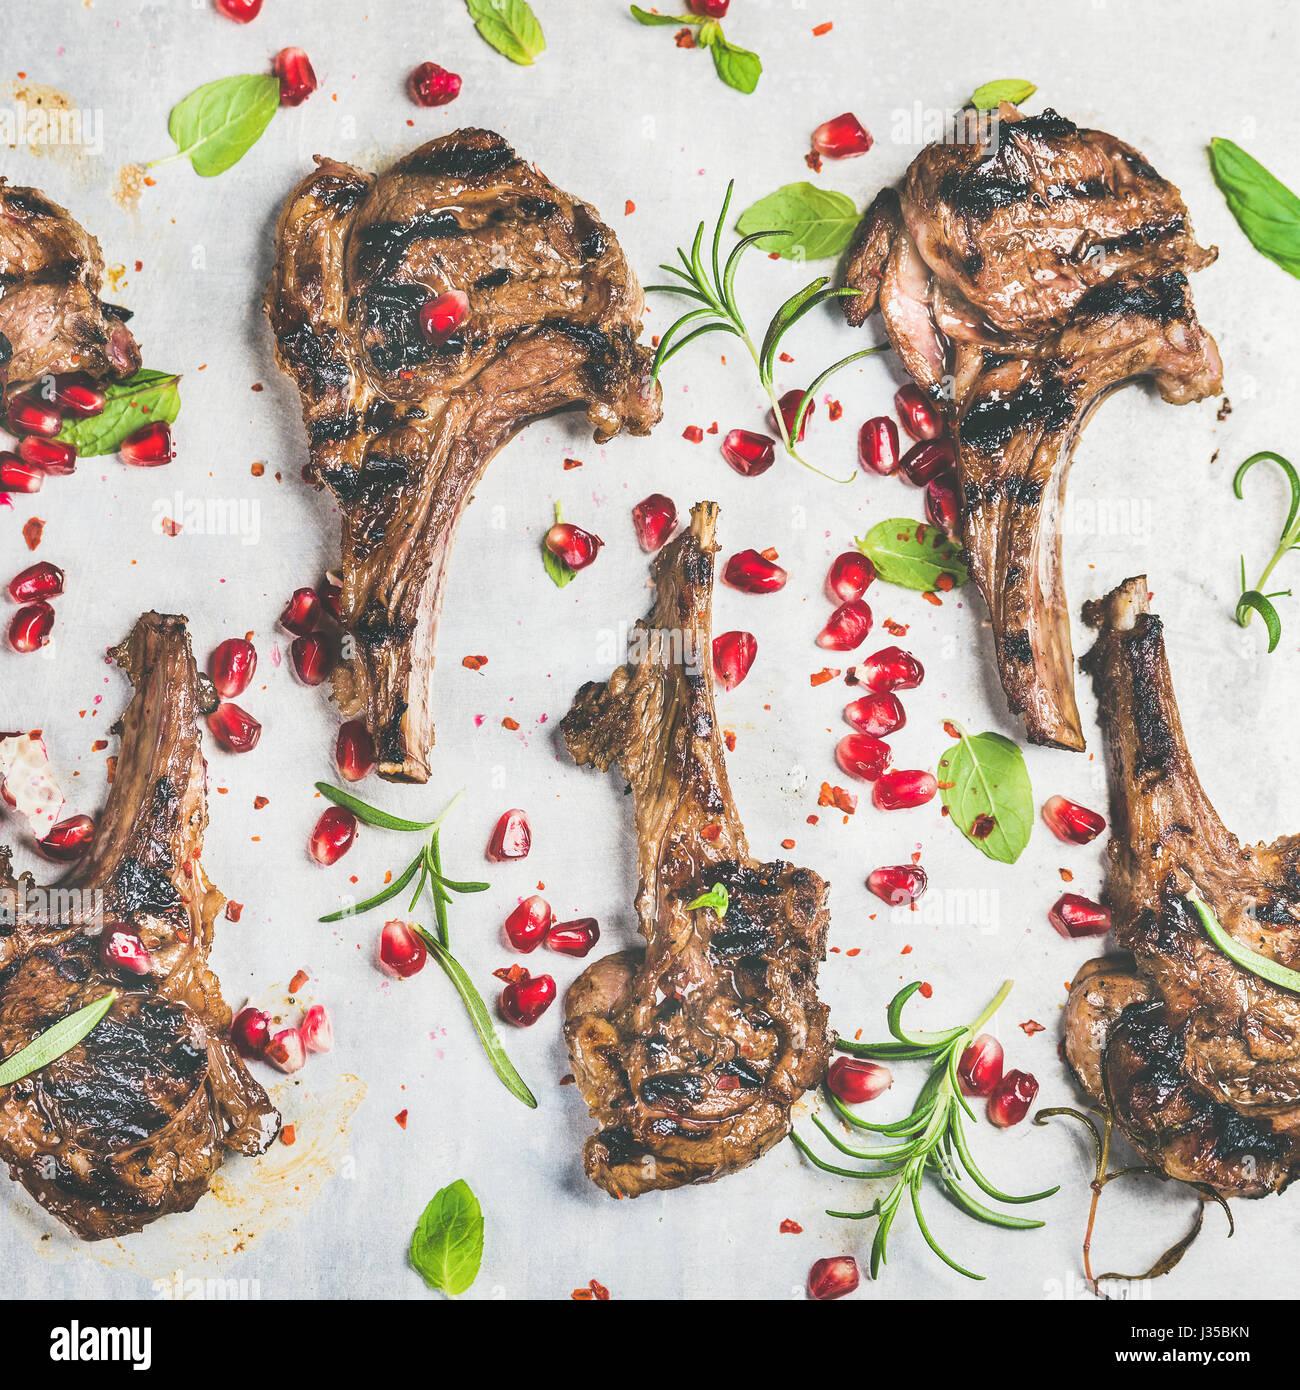 Slow food la Cena con grigliata di costolette di agnello e melograno, erbe aromatiche Immagini Stock